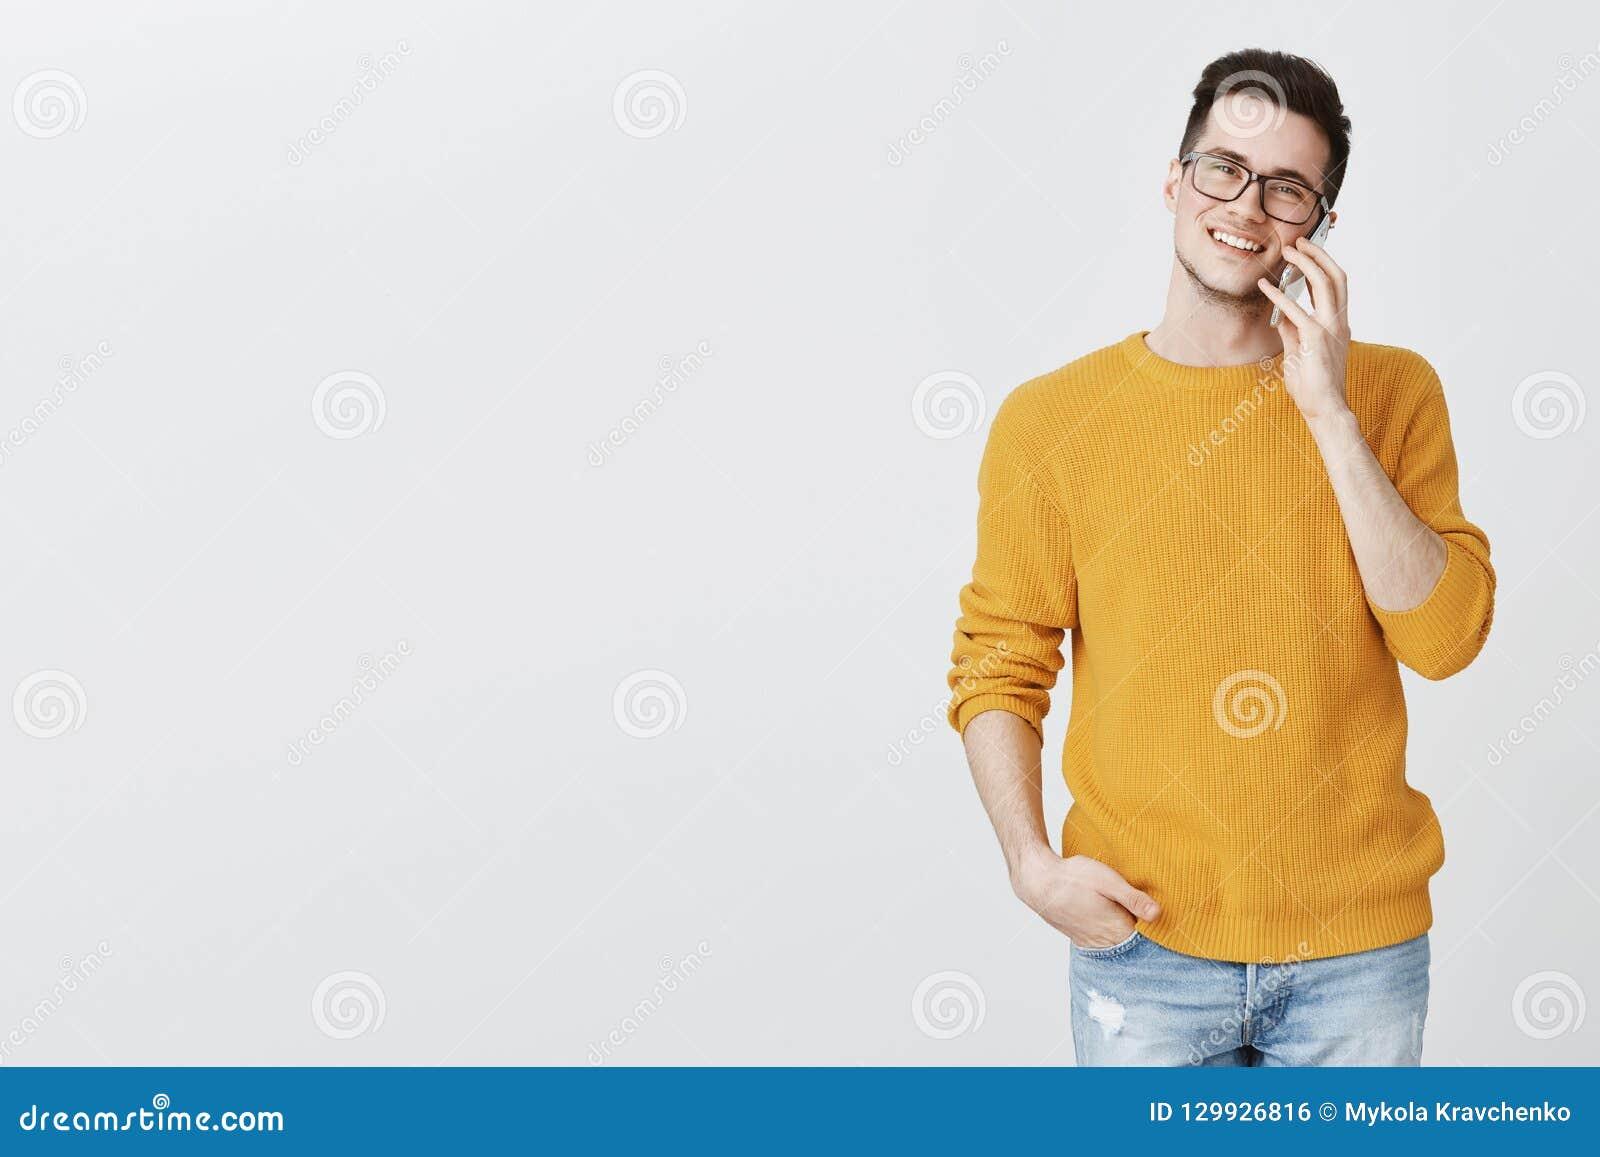 Portret szczęśliwy charyzmatyczny młody przystojny mężczyzna w szkłach i żółtej modnej puloweru mienia ręce w kieszeni relaksując